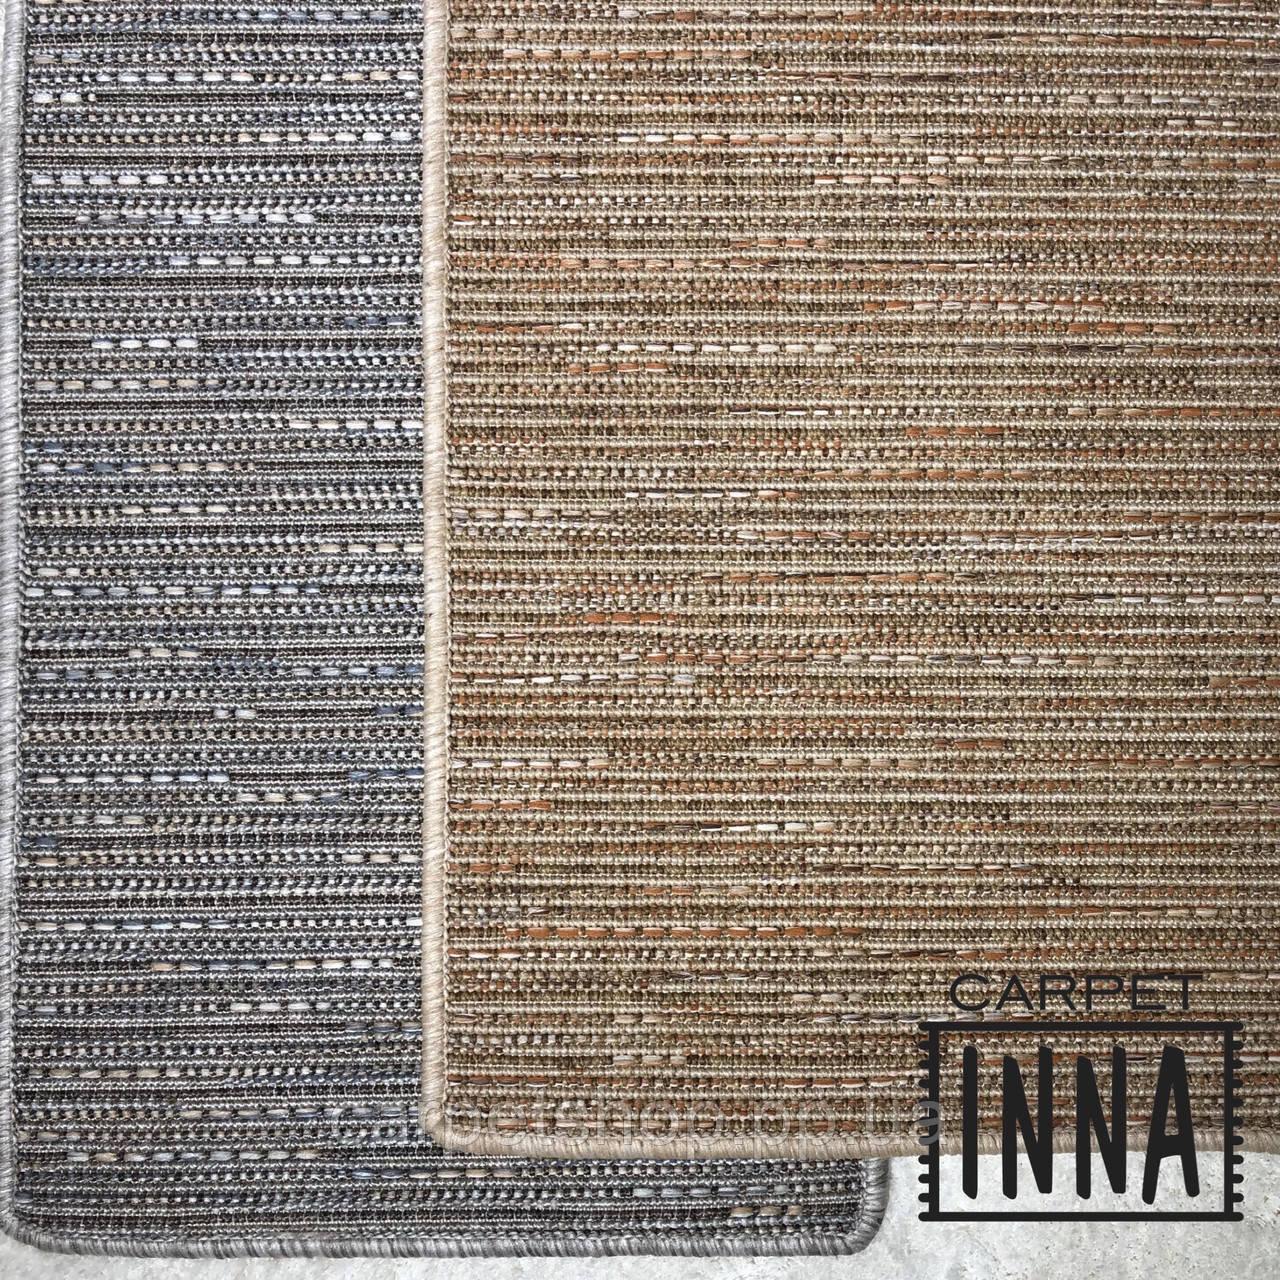 Ковролін Nature Design Balta 4m, на підлогу в офіс, кафе, готель і додому, рогожка